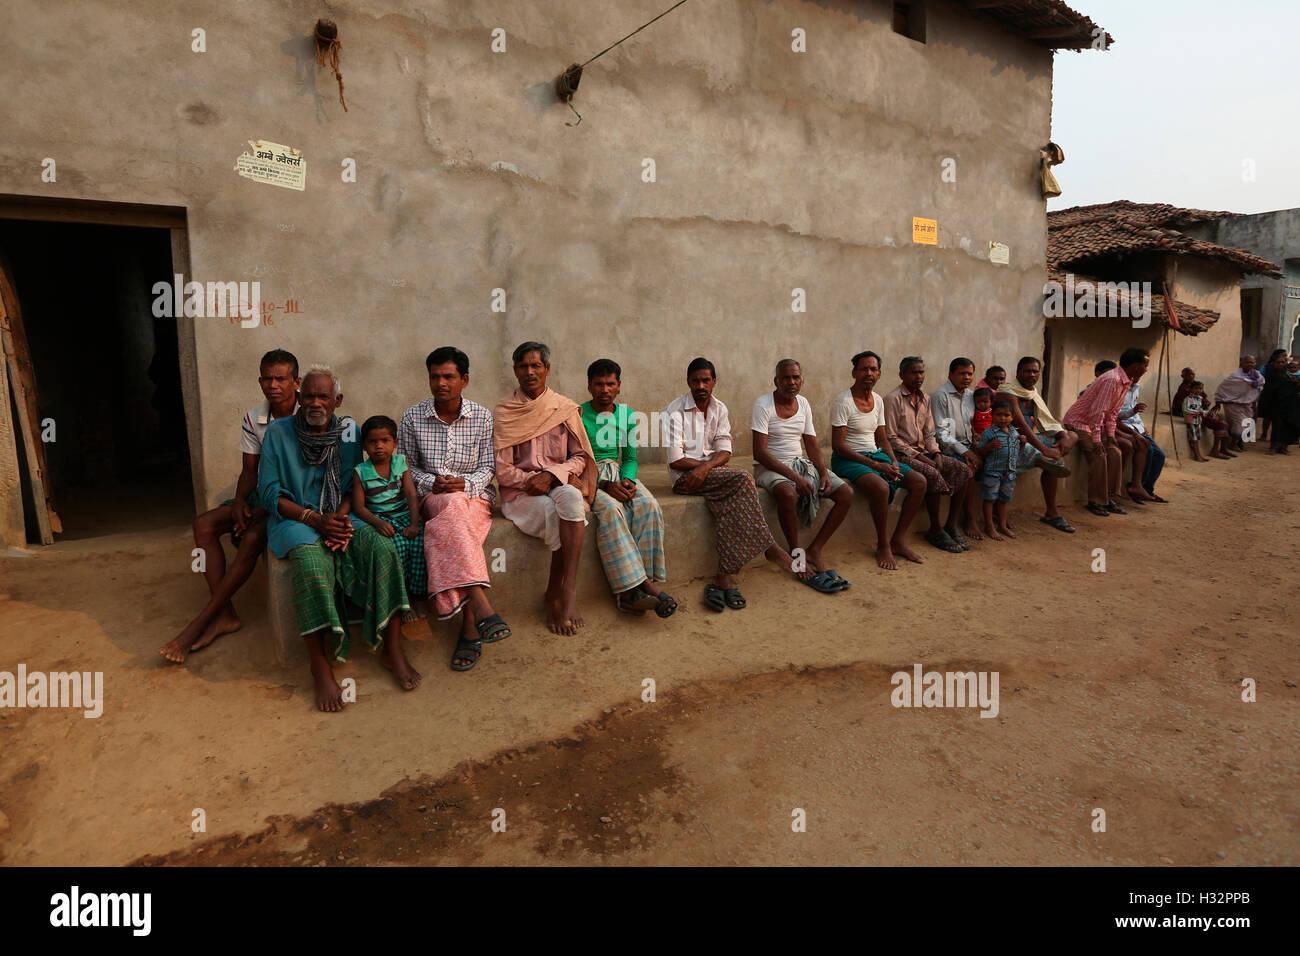 SAWAR TRIBE, People in leisure time, Khairmal Village, Saraipali Tahsil, Mahasamund District, Chattisgarh, India - Stock Image